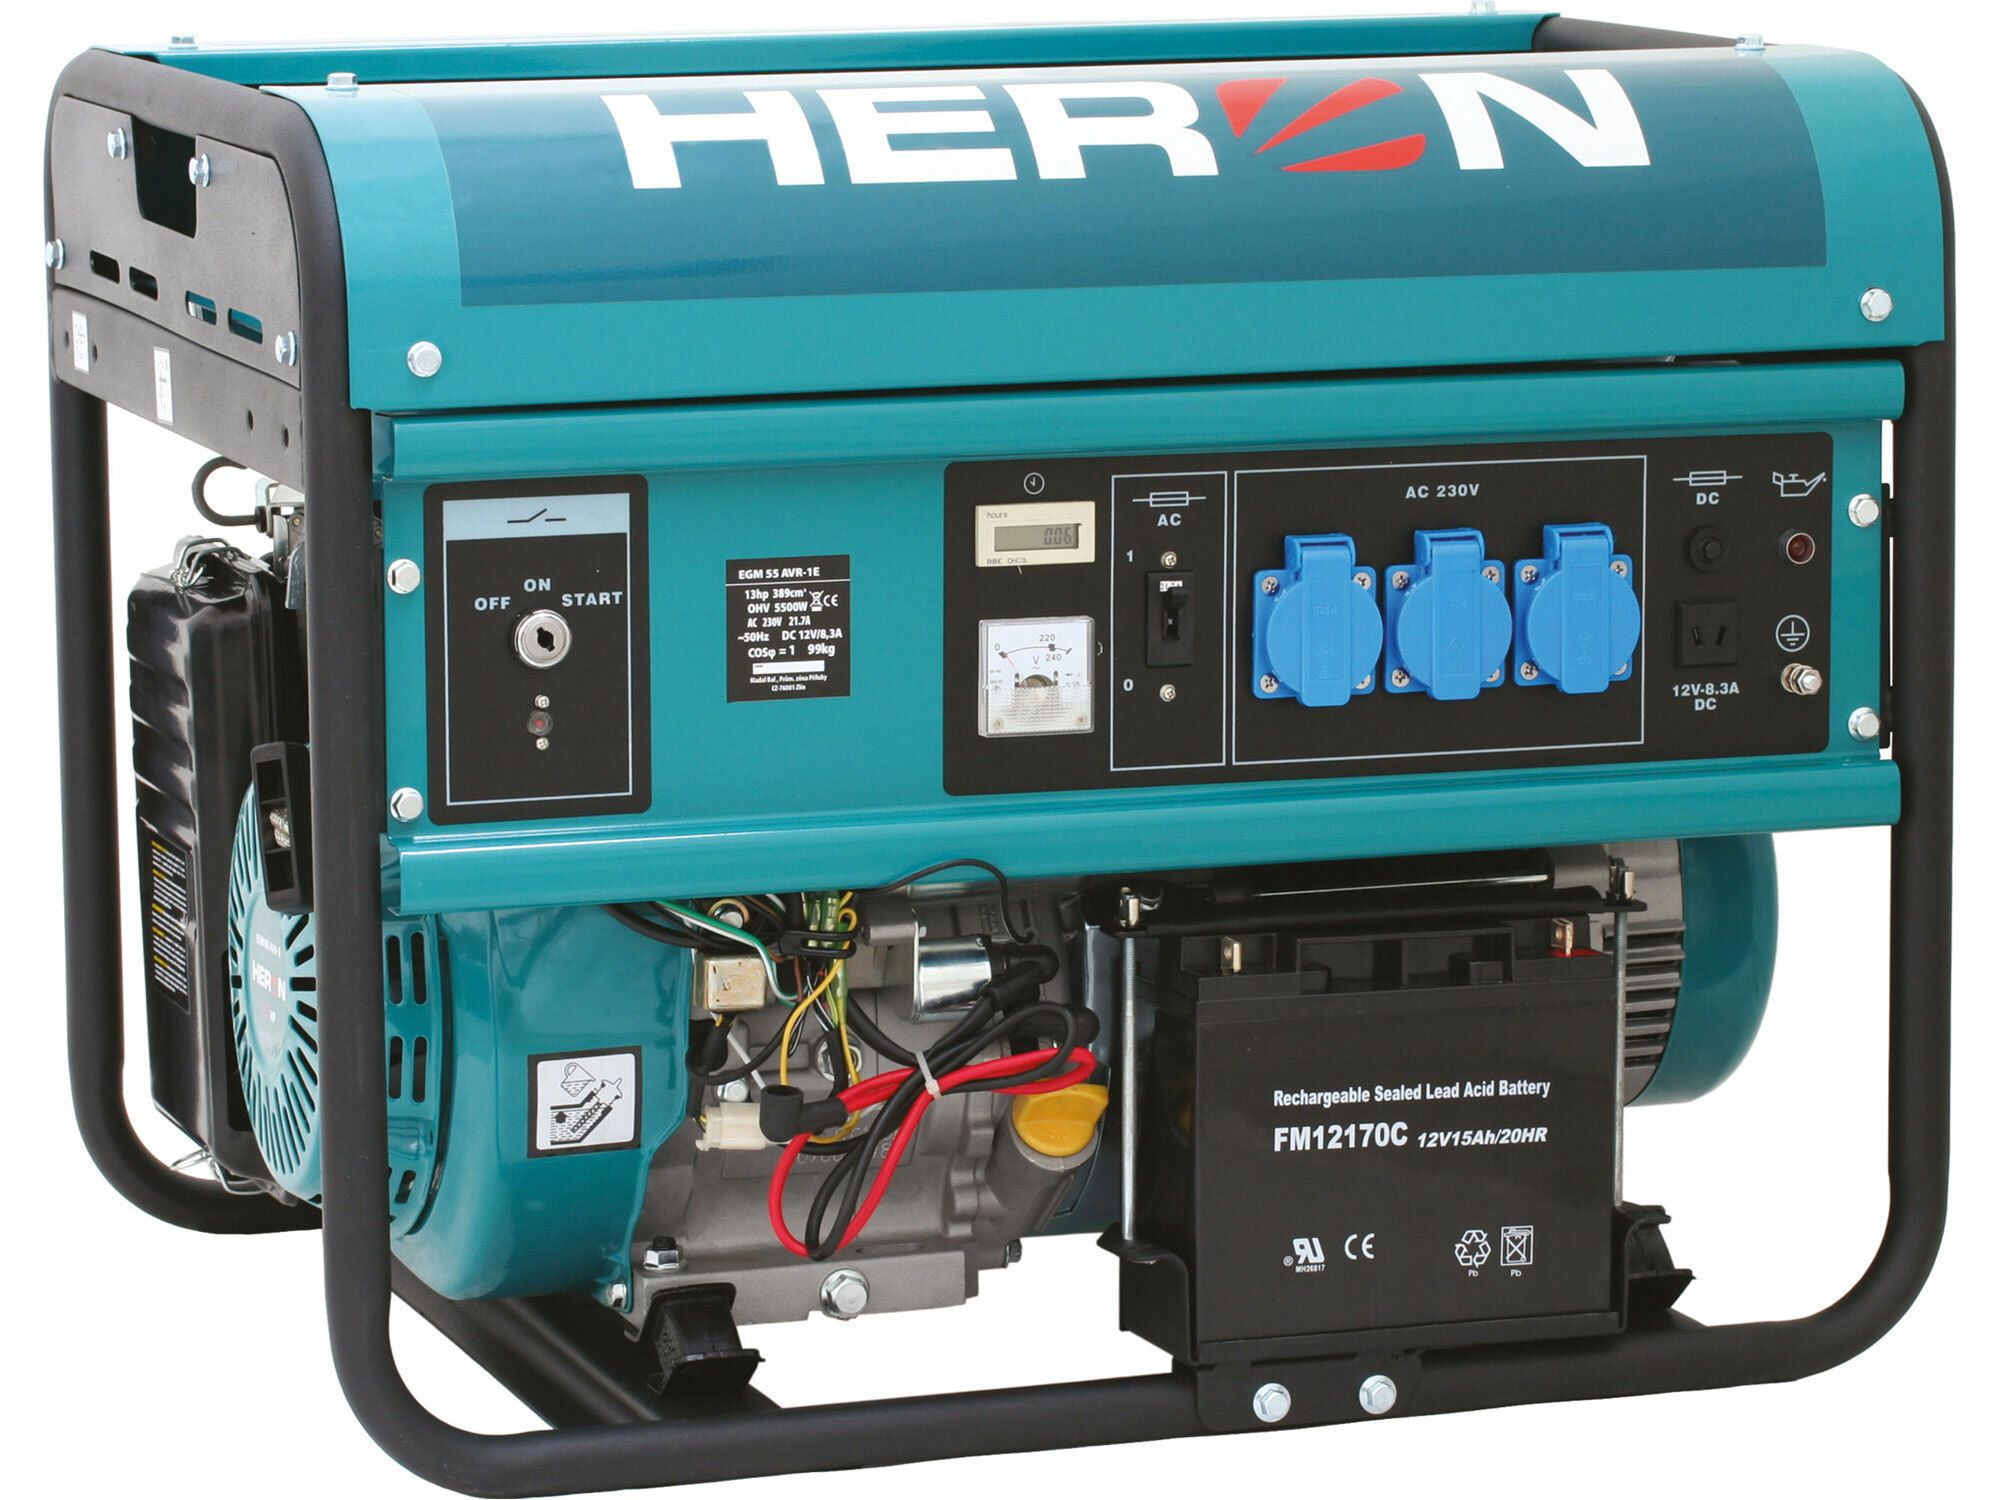 Elektrocentrála benzínová 13HP, pro svařování, elektrický start, 5,5kW, záruka 3 roky HERON